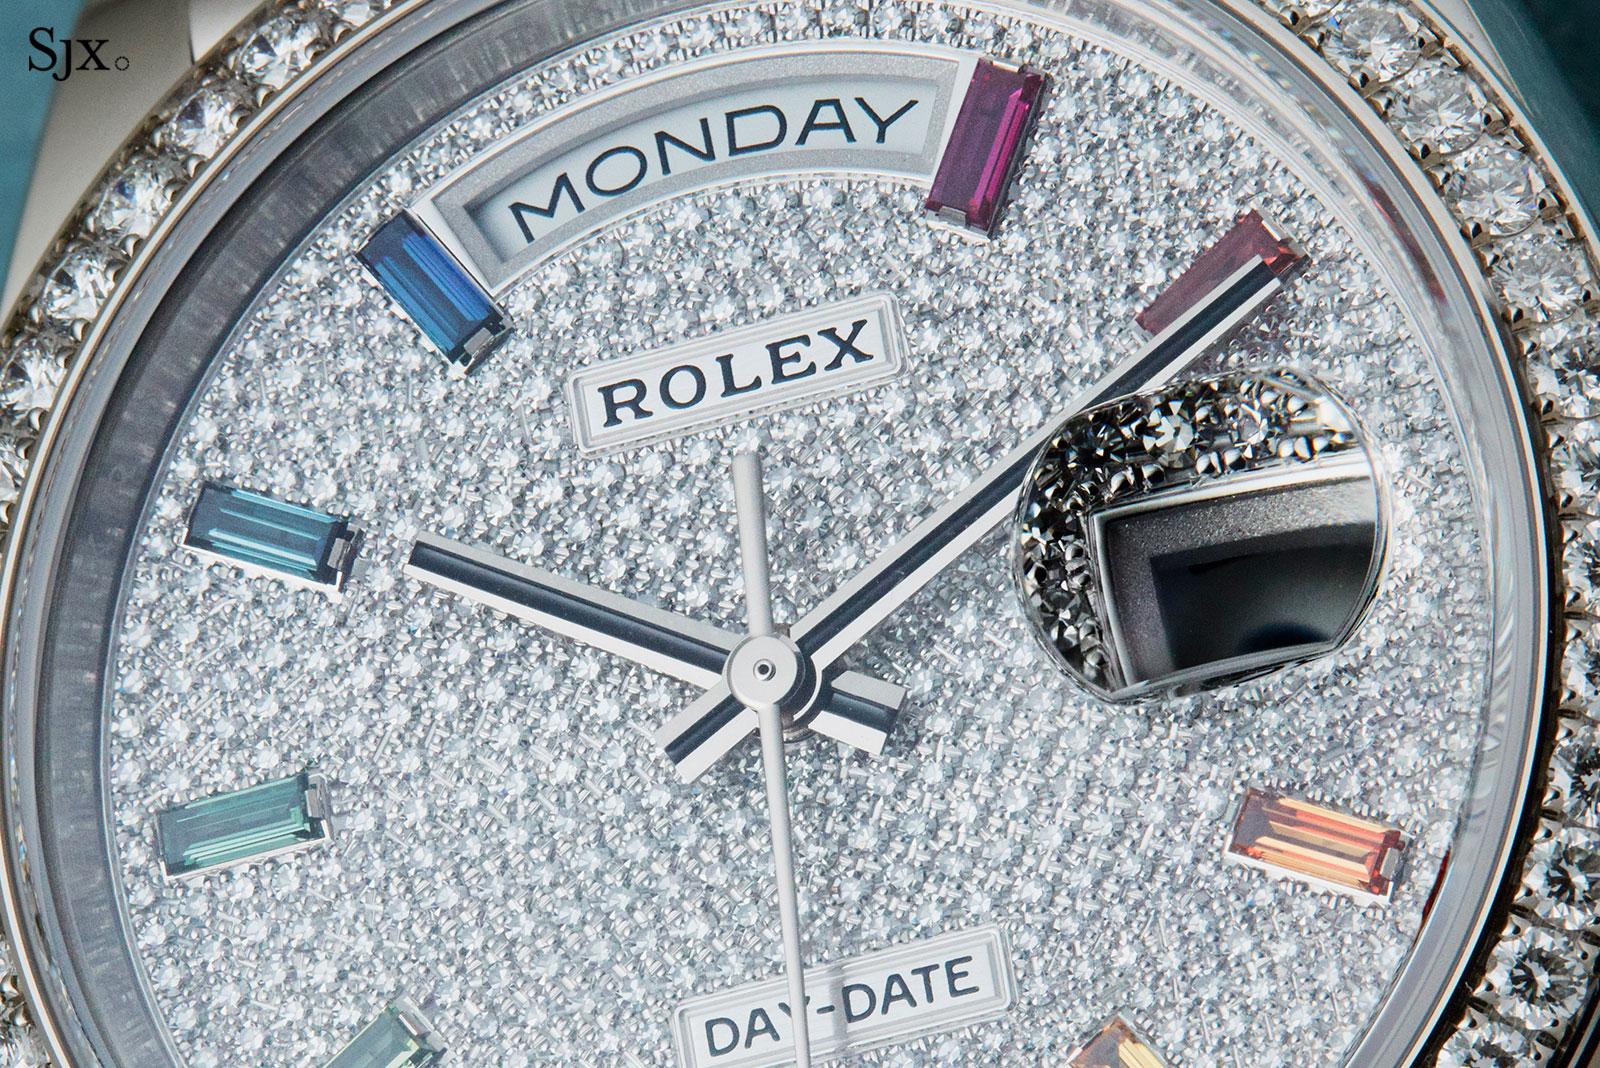 20190321-Rolex_12 2